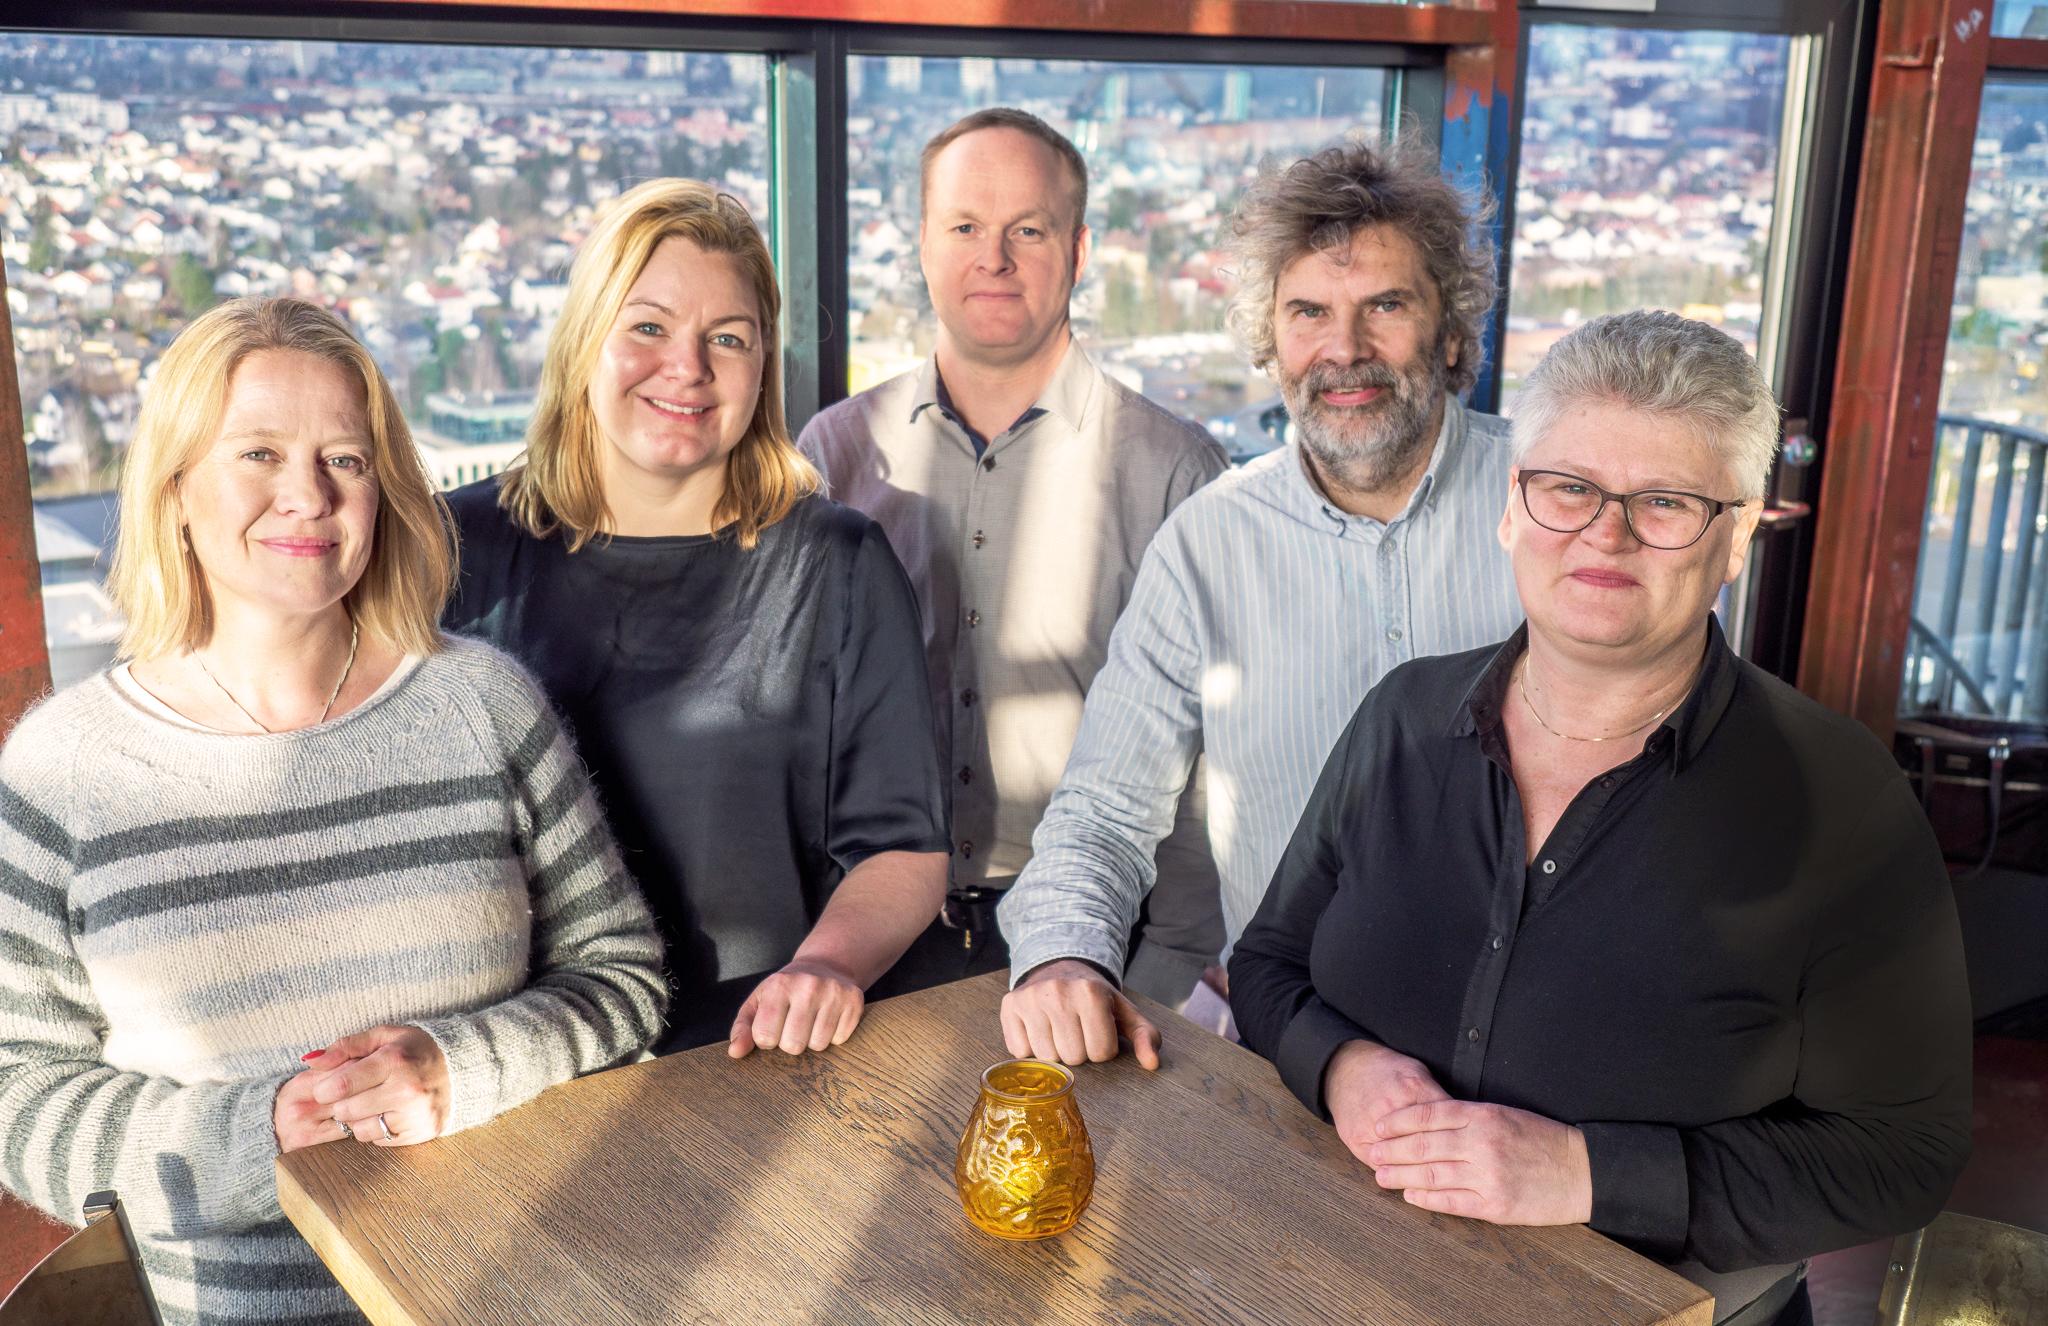 Kiwas revisjonsteam innen mattrygghet: (f.v.) Line Thorsdalen, Torill Strand, Are Lind, Morten Berntsen og Ane Grete Larsen.